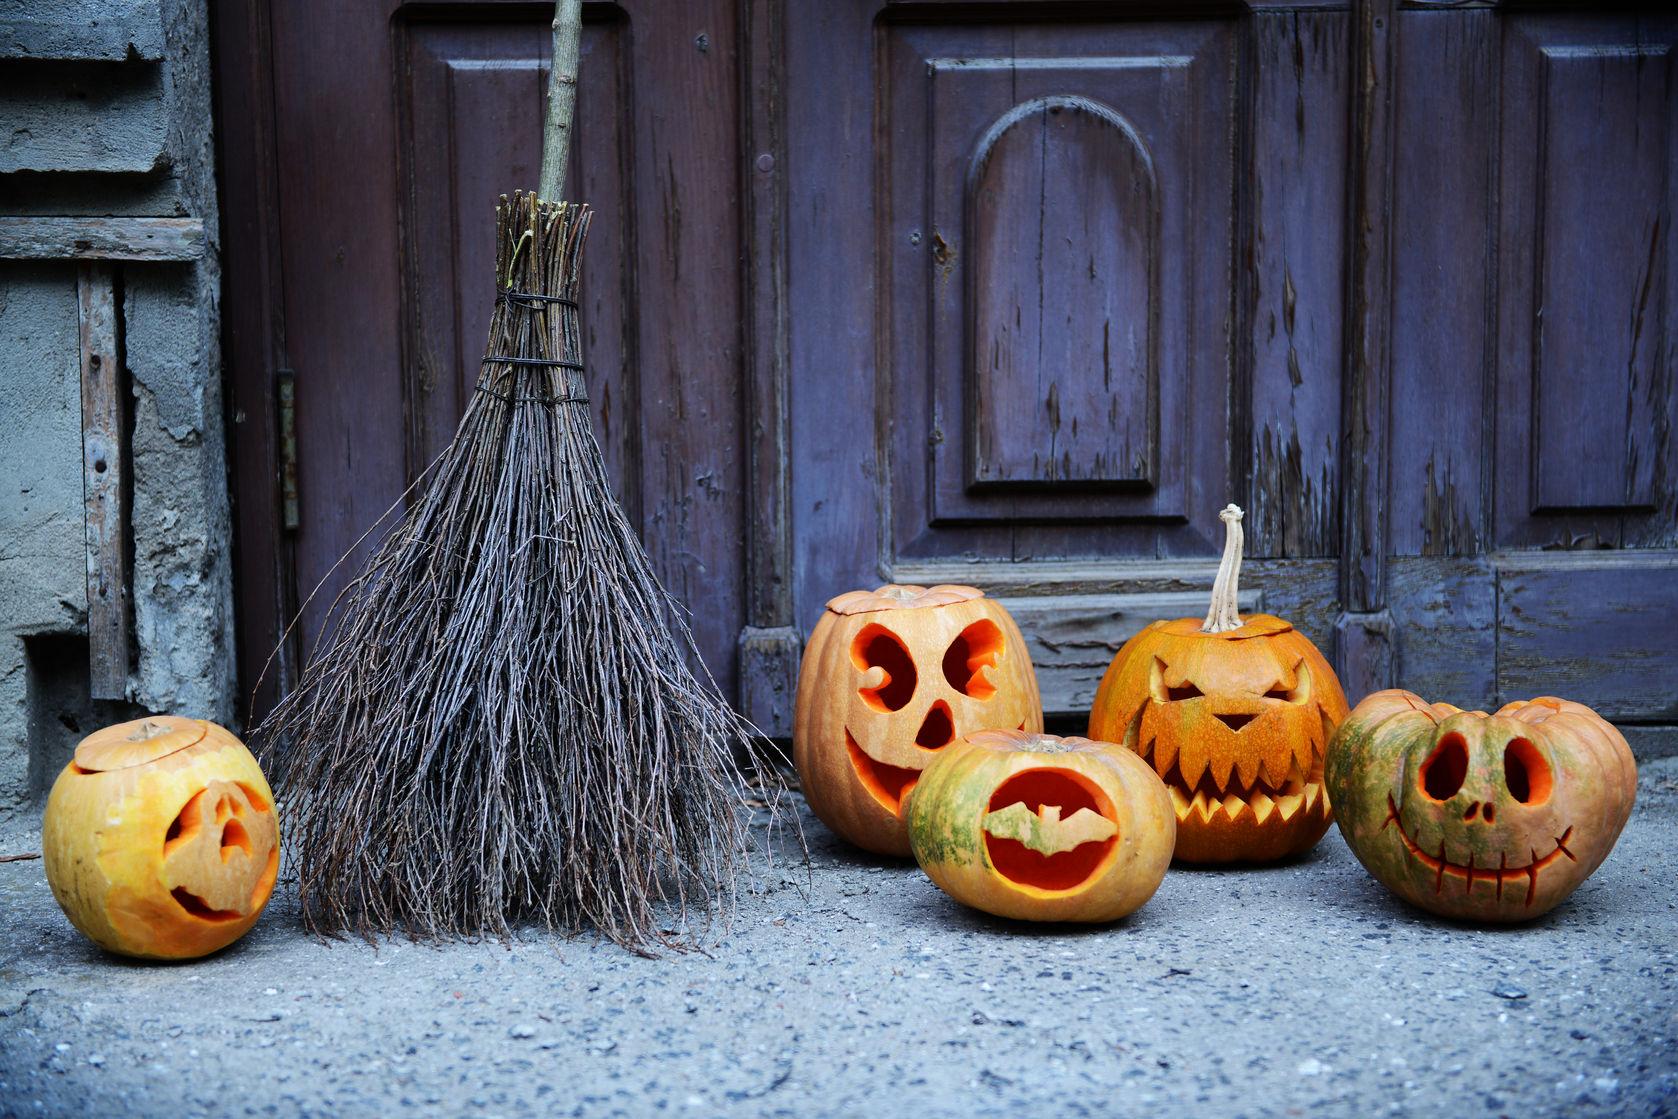 Halloween pumpkin broom